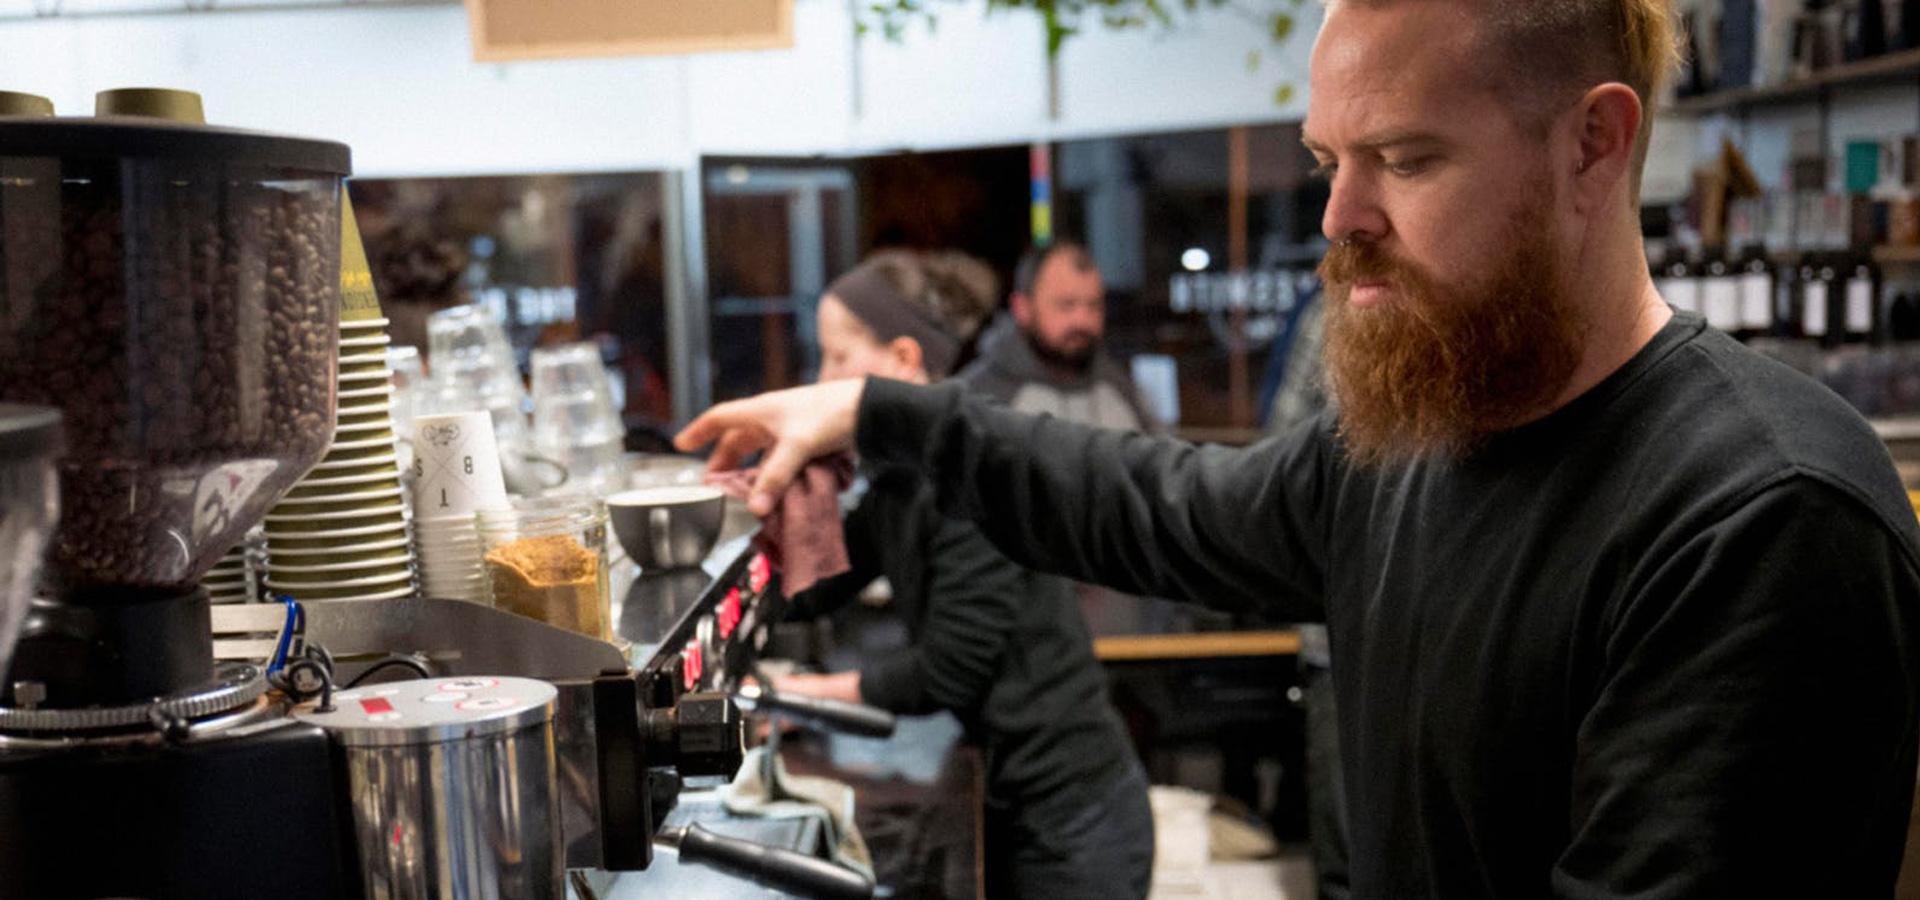 Meet The Locals: The Bikesmith & Espresso Bar's Tim Skinner